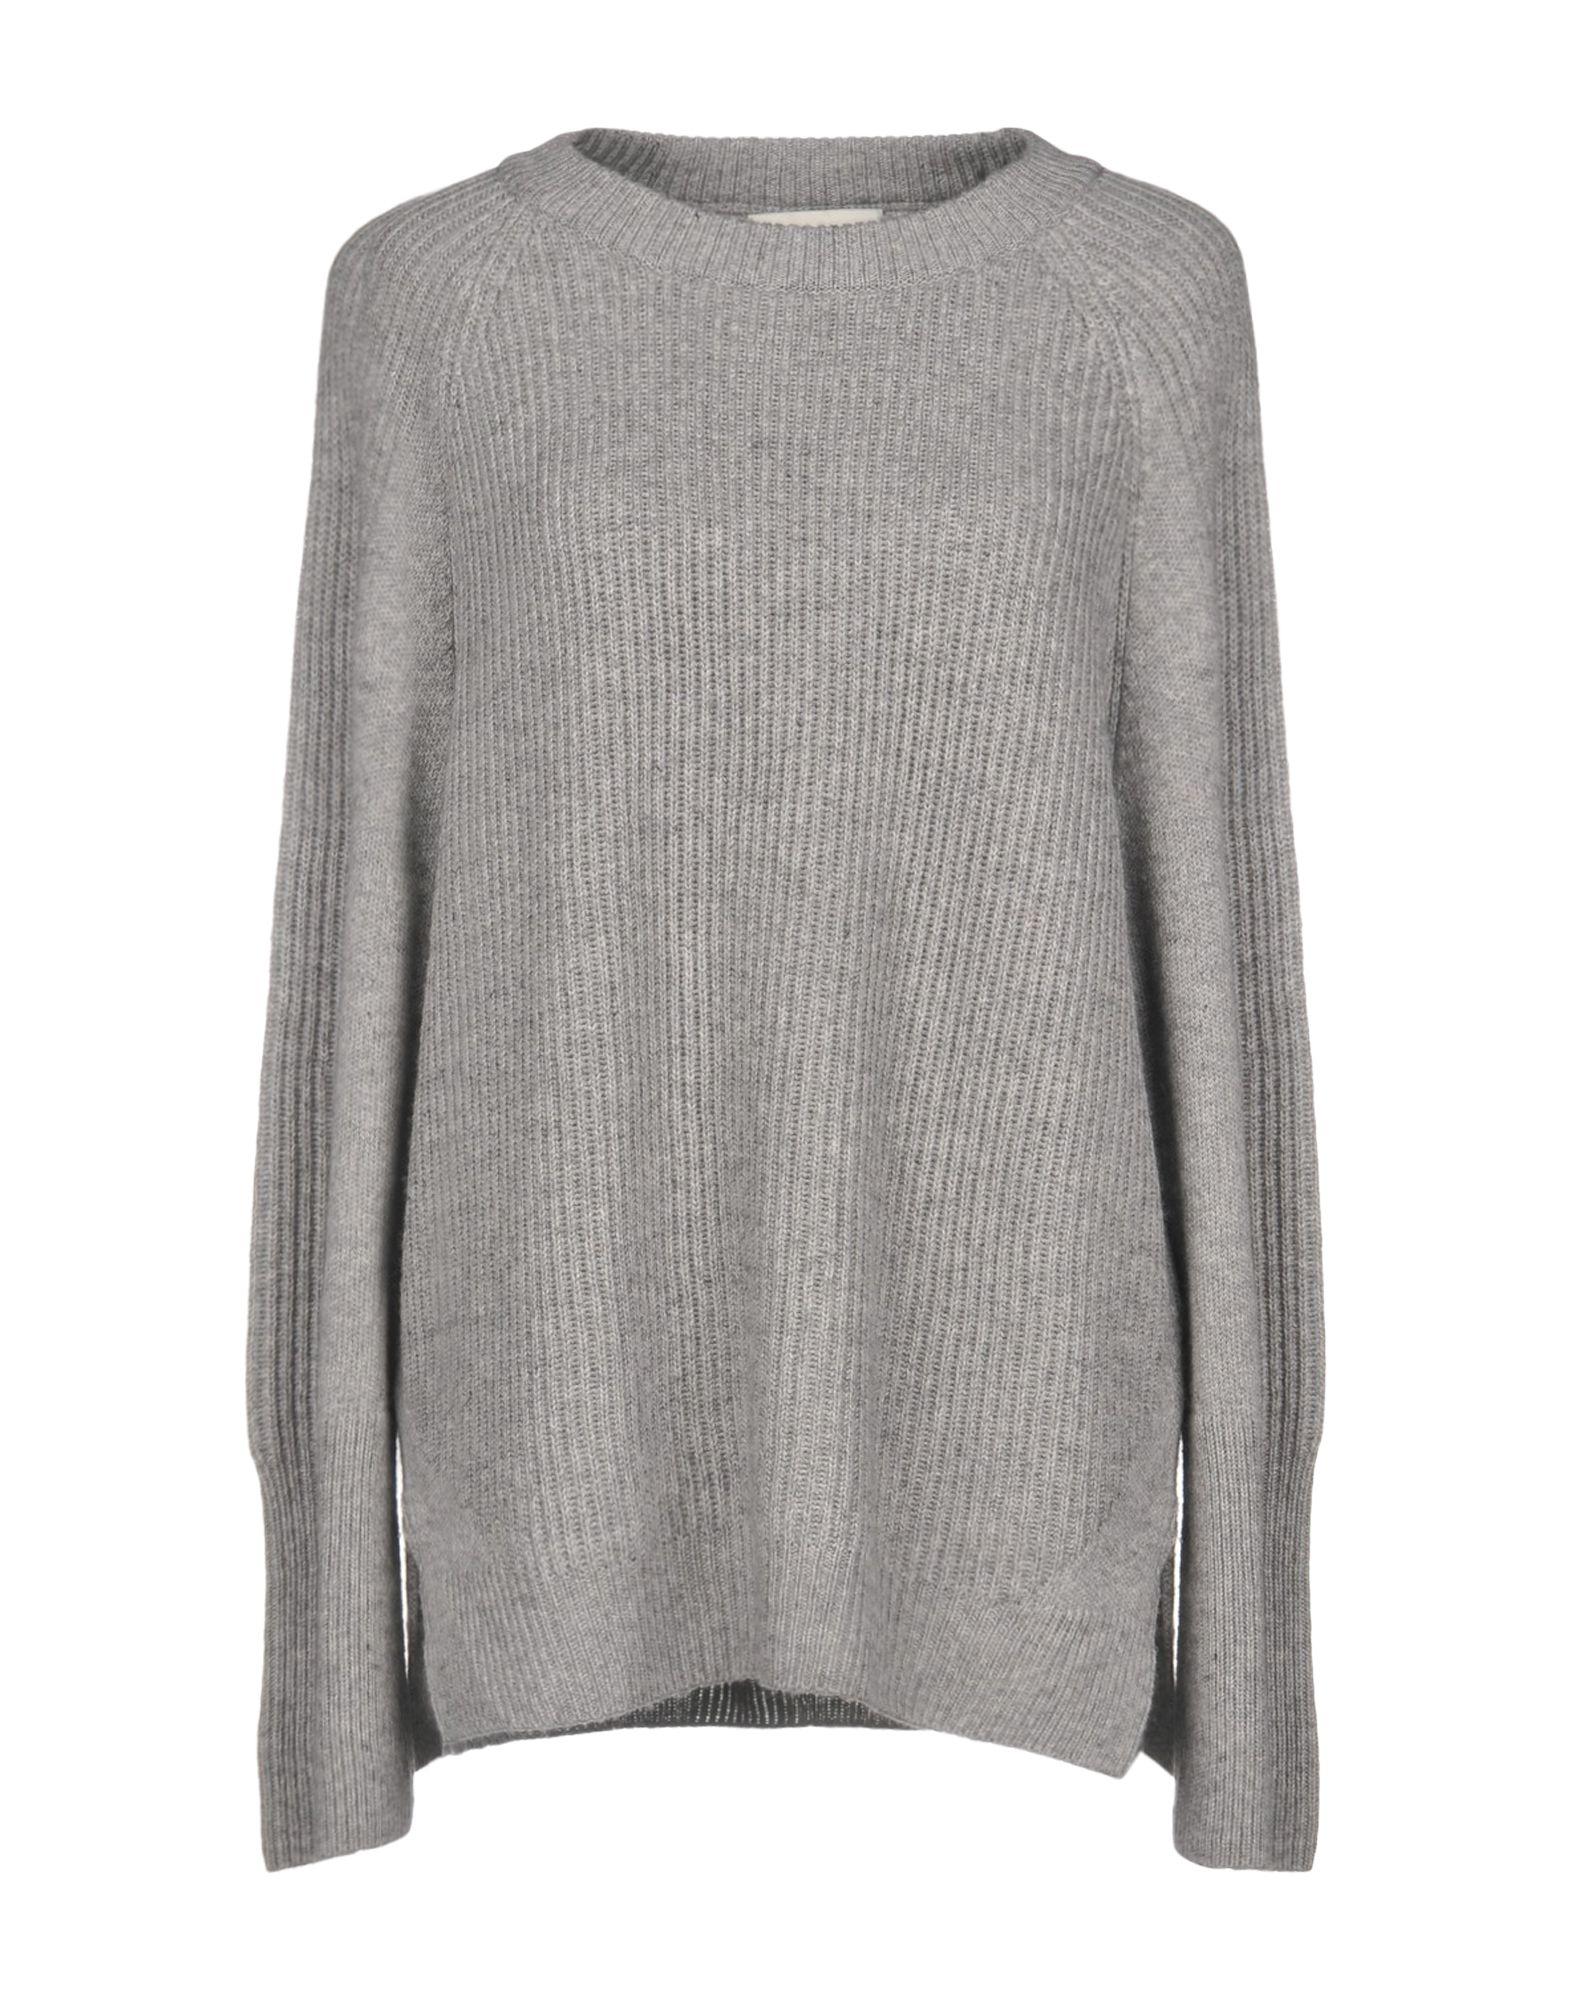 N.O.W. ANDREA ROSATI CASHMERE Свитер autumn cashmere свитер